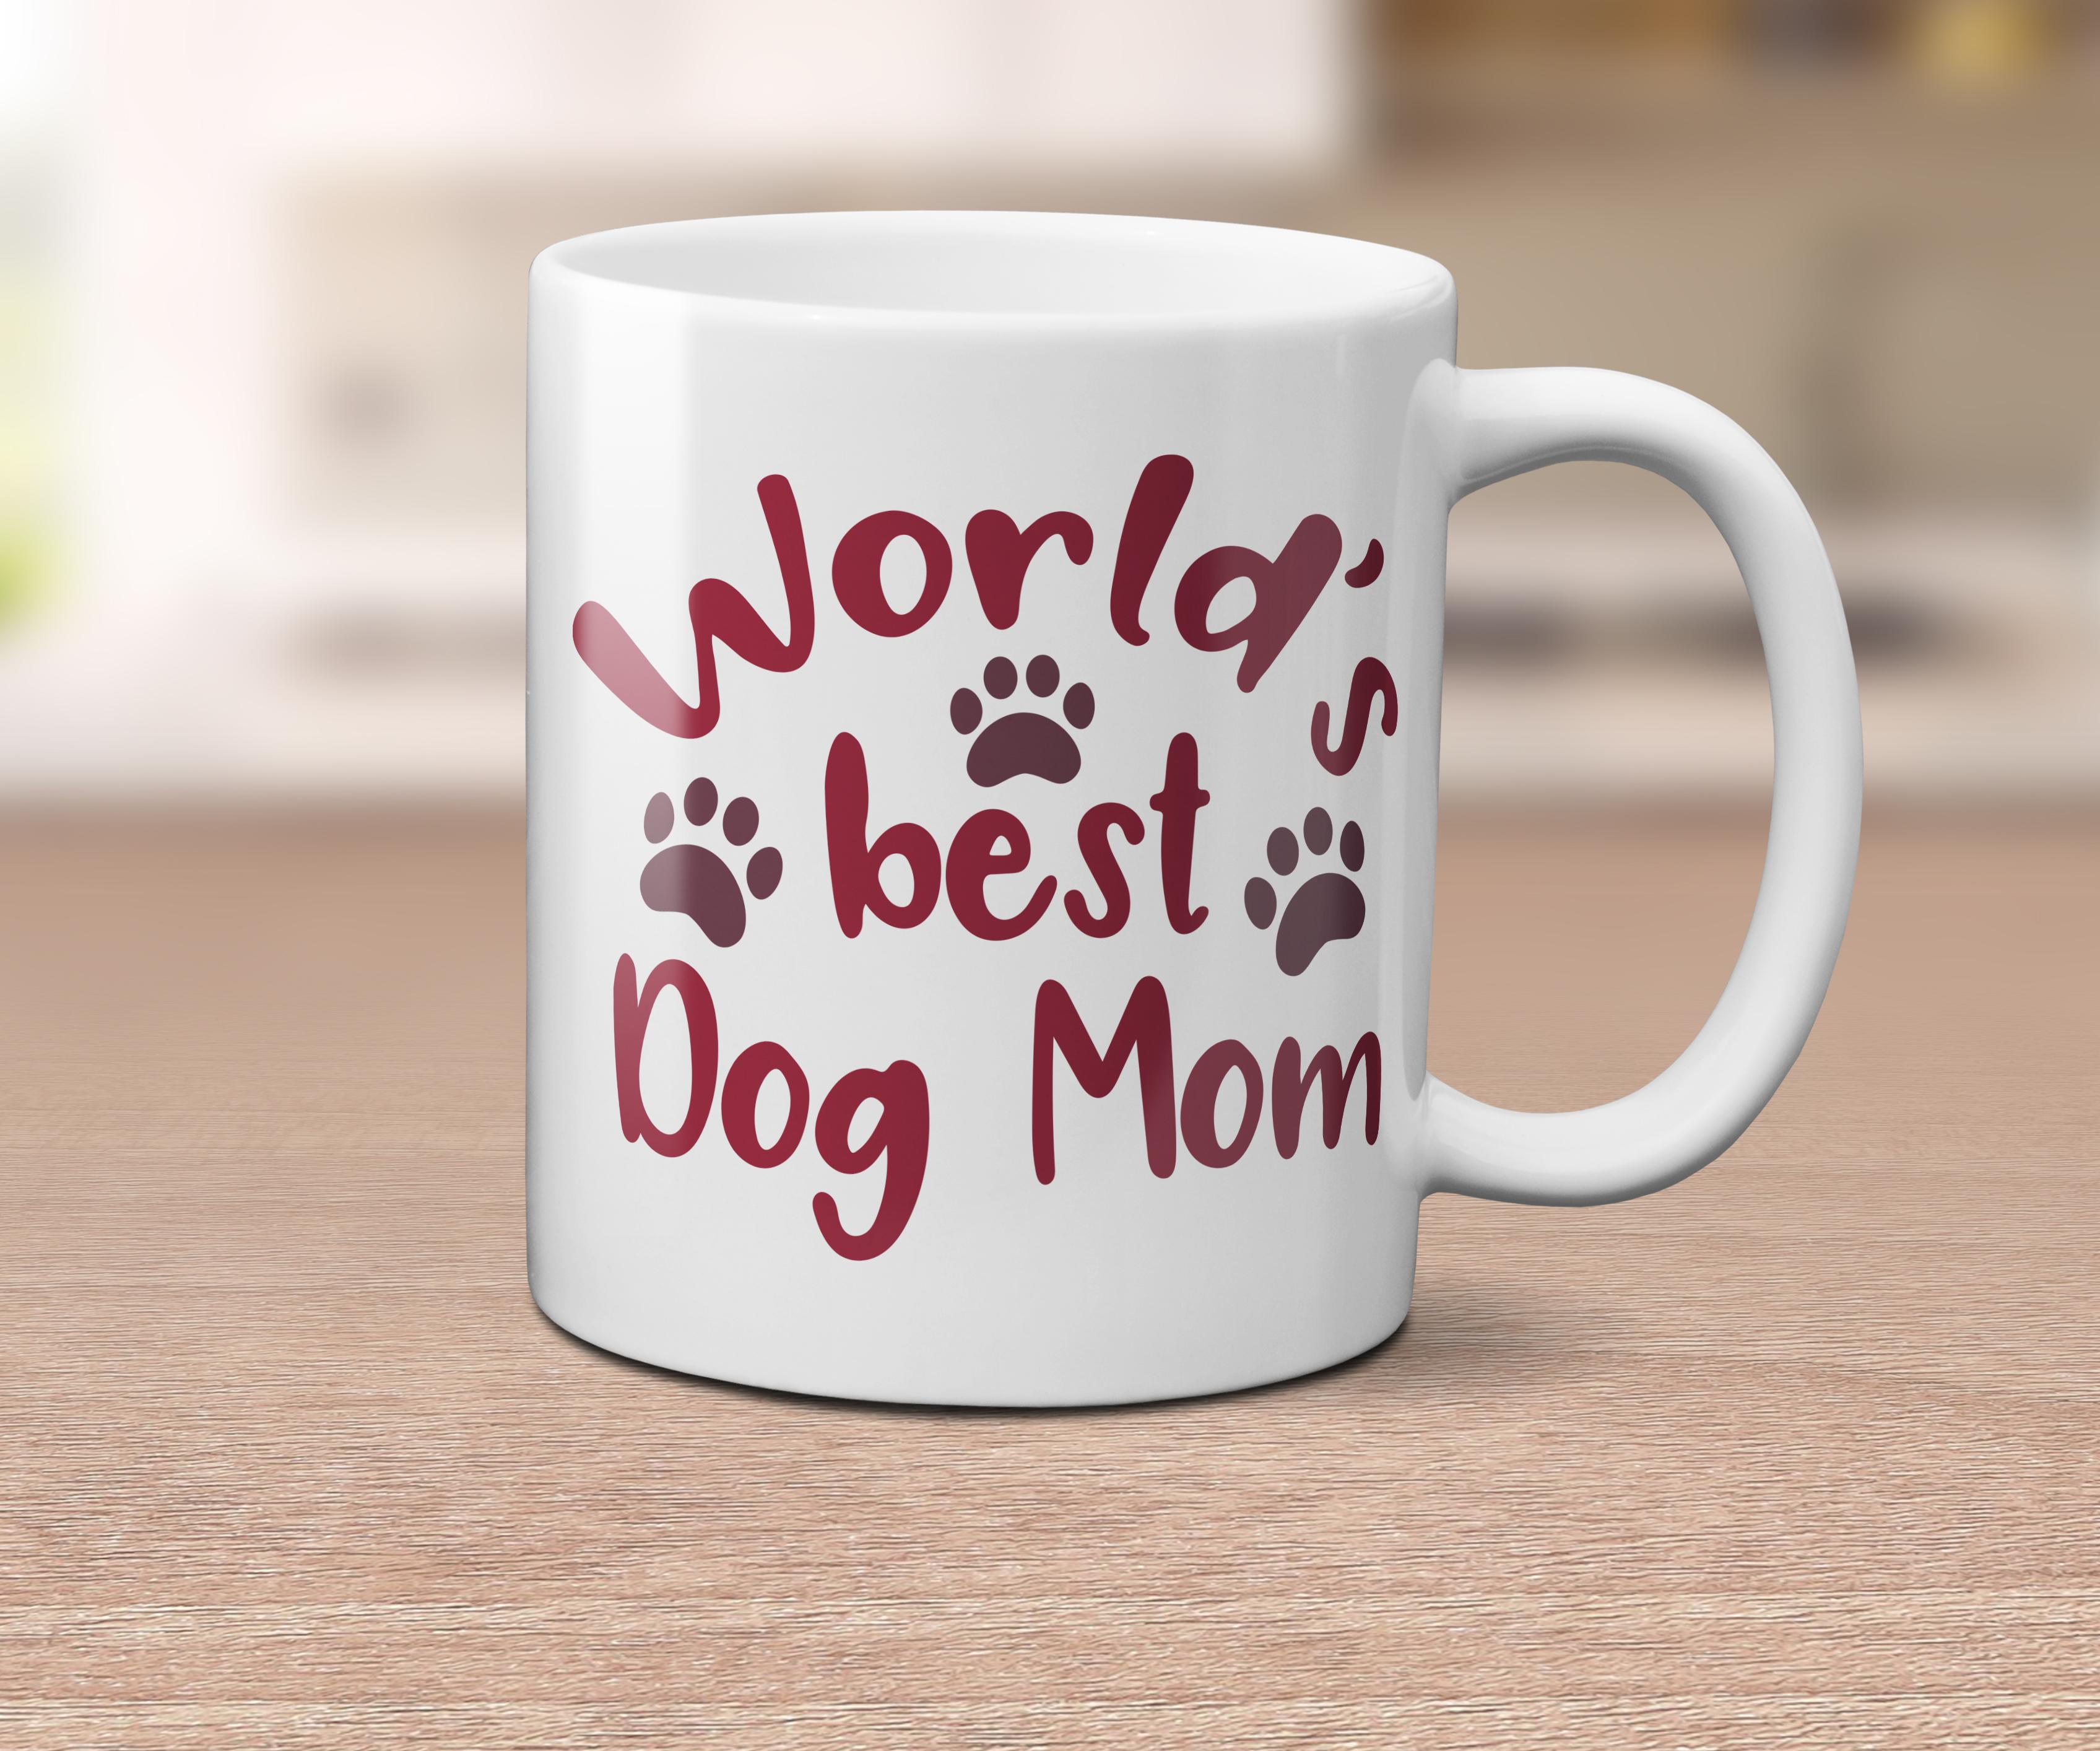 World's Best Dog Mom / Mum example image 3